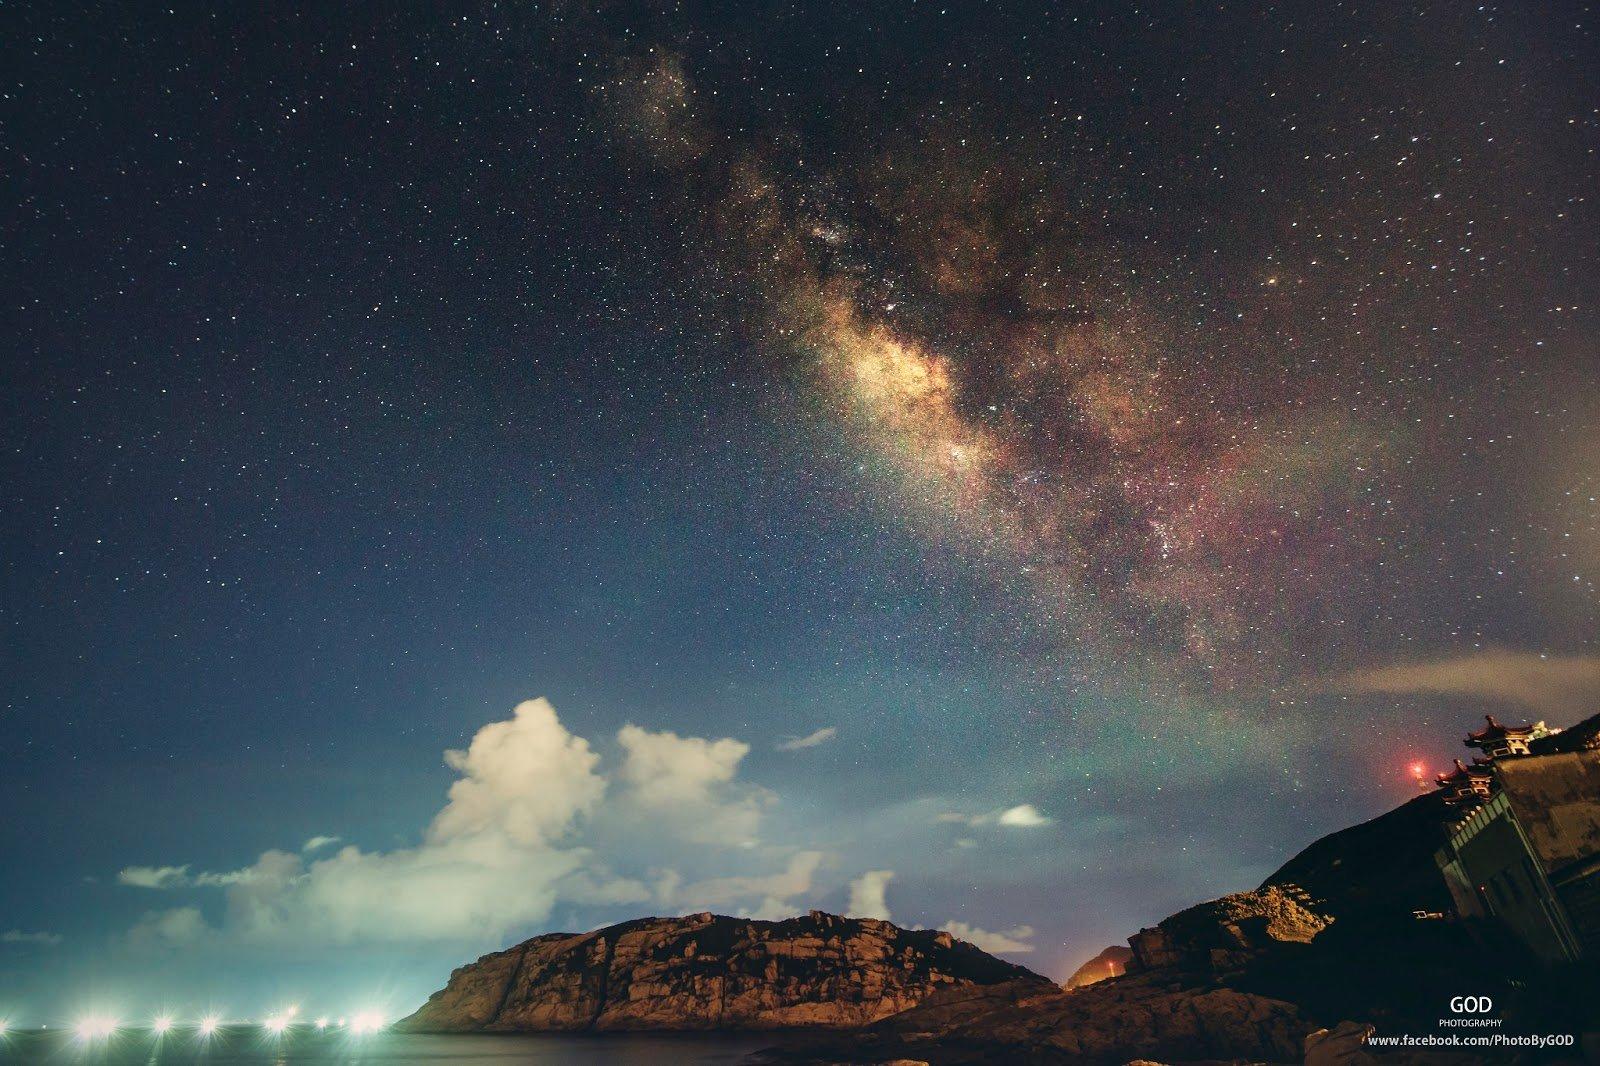 銀河是這樣煉成的 – Photoshop後製秘技大公開 - 攝影入門 Fotobeginner.com